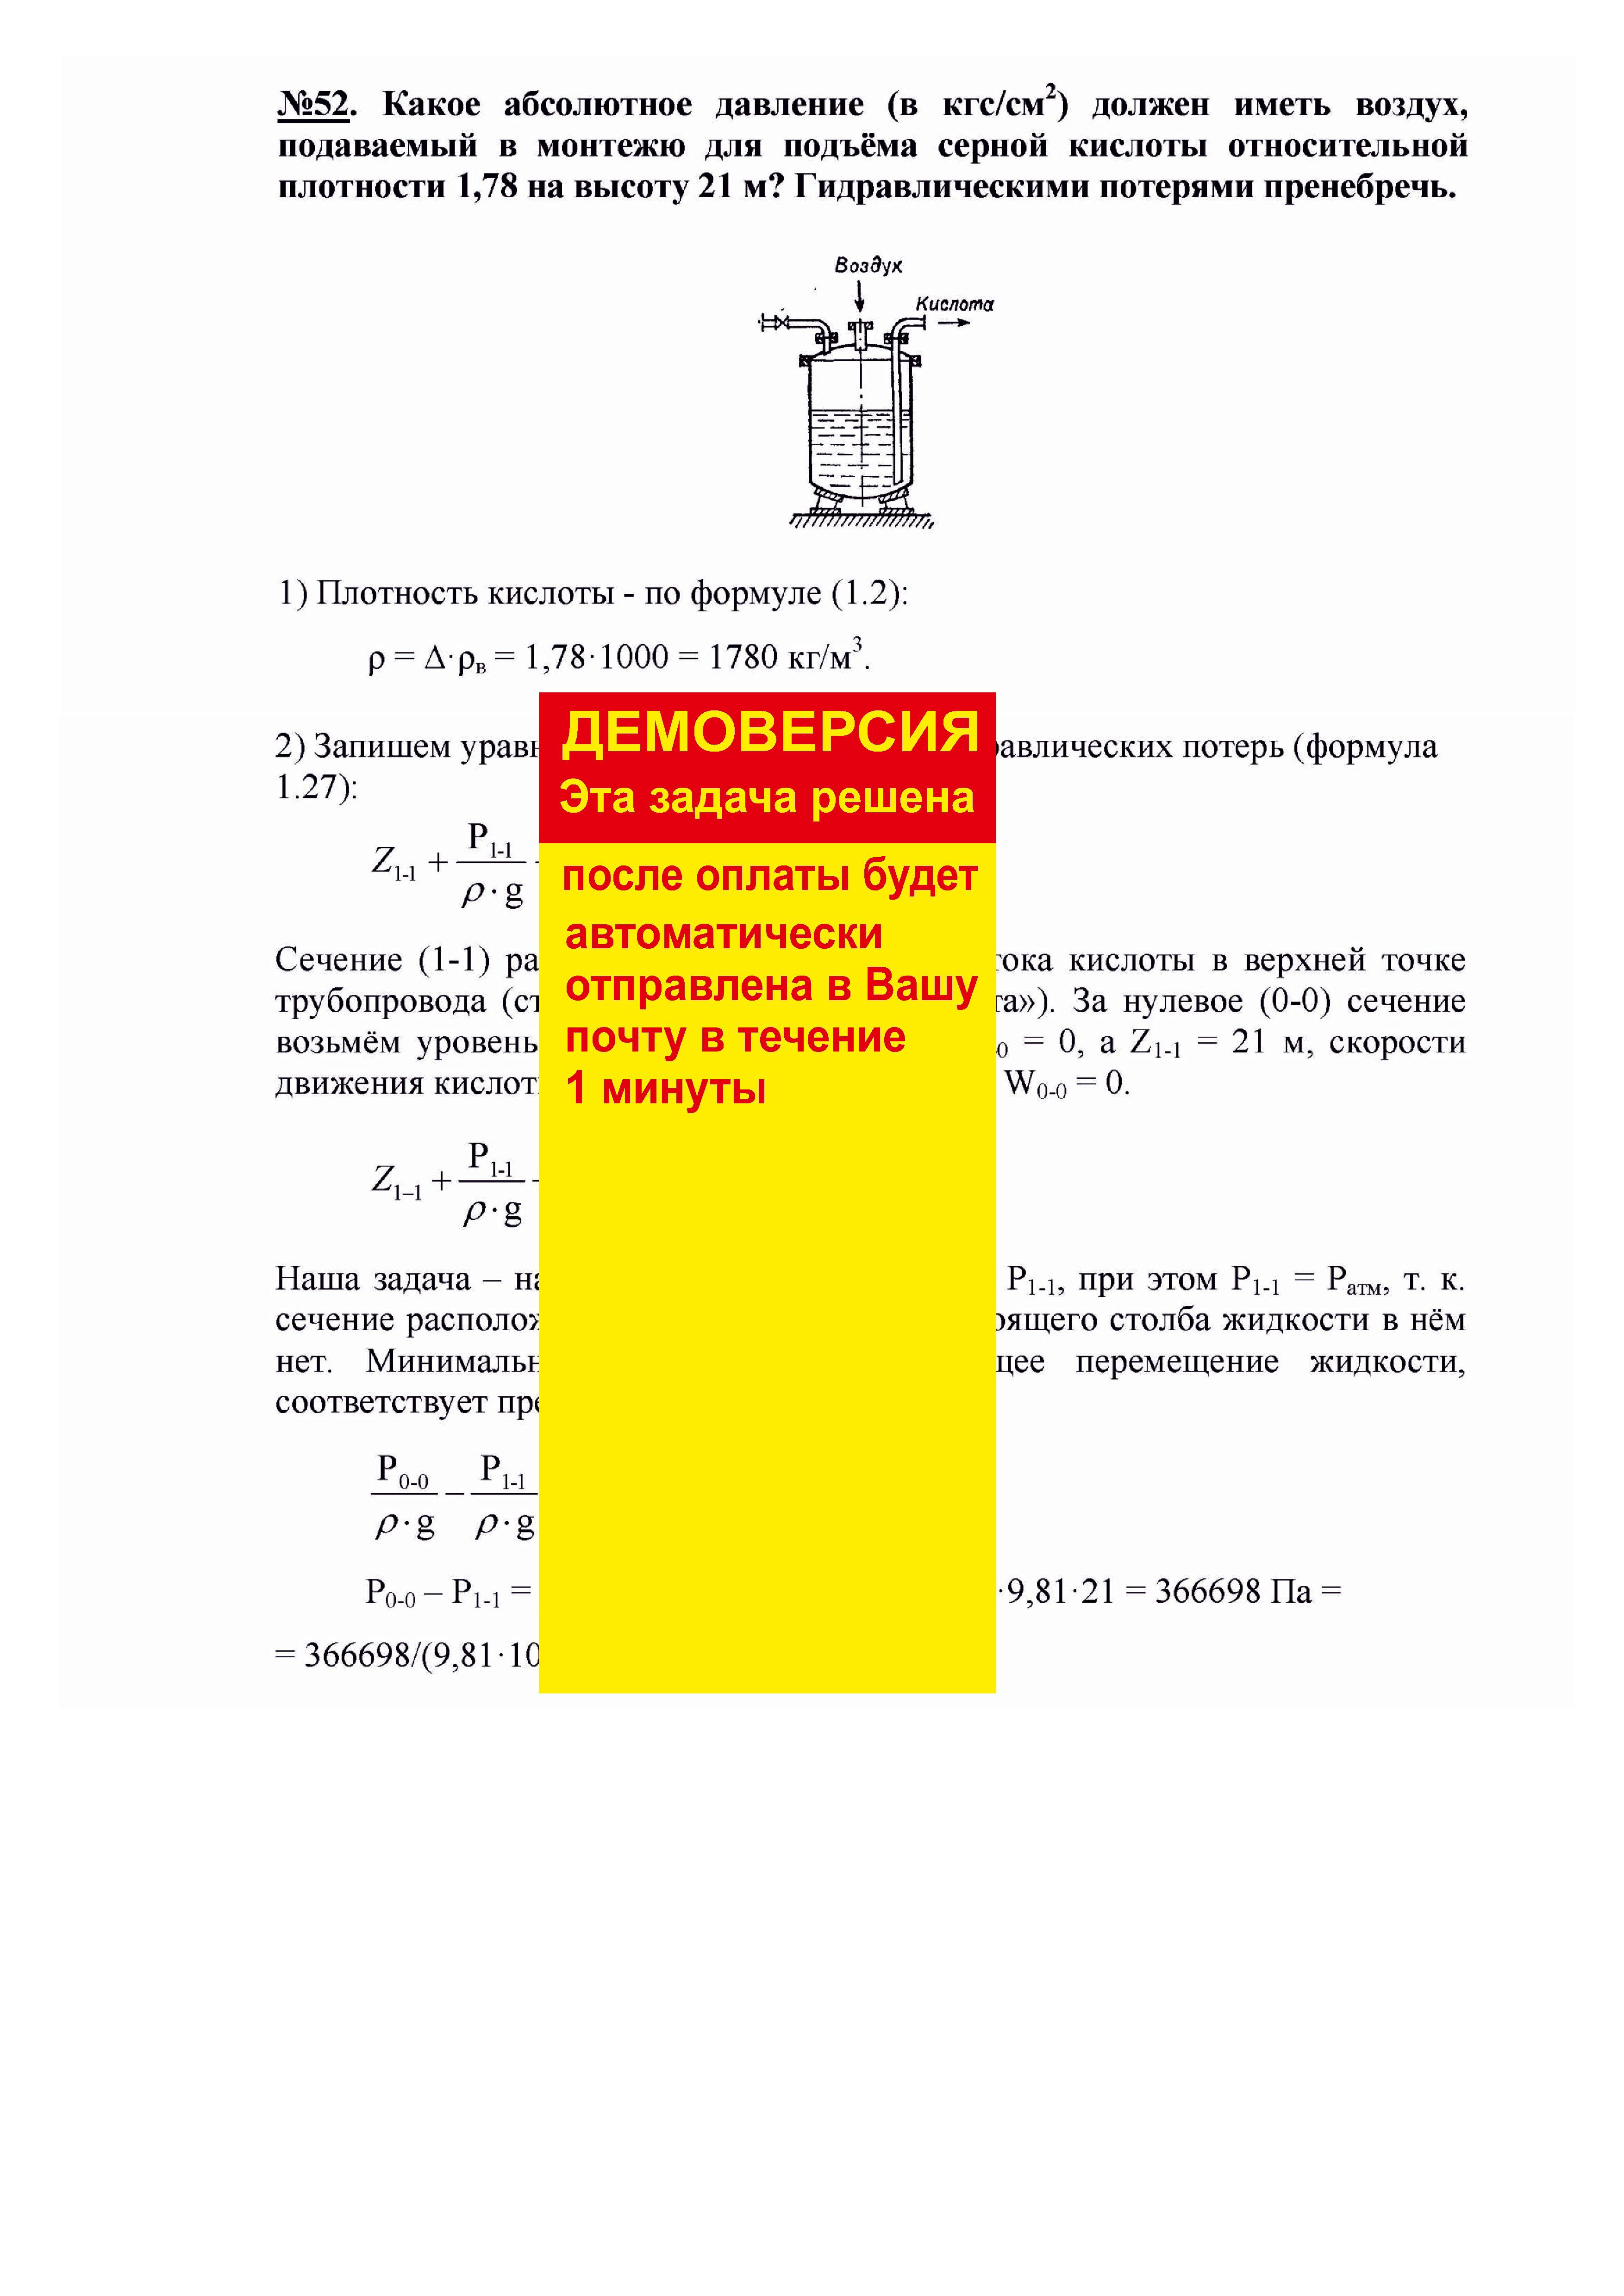 Решение задачи 1.52 по ПАХТ из задачника Павлова Романкова Носкова